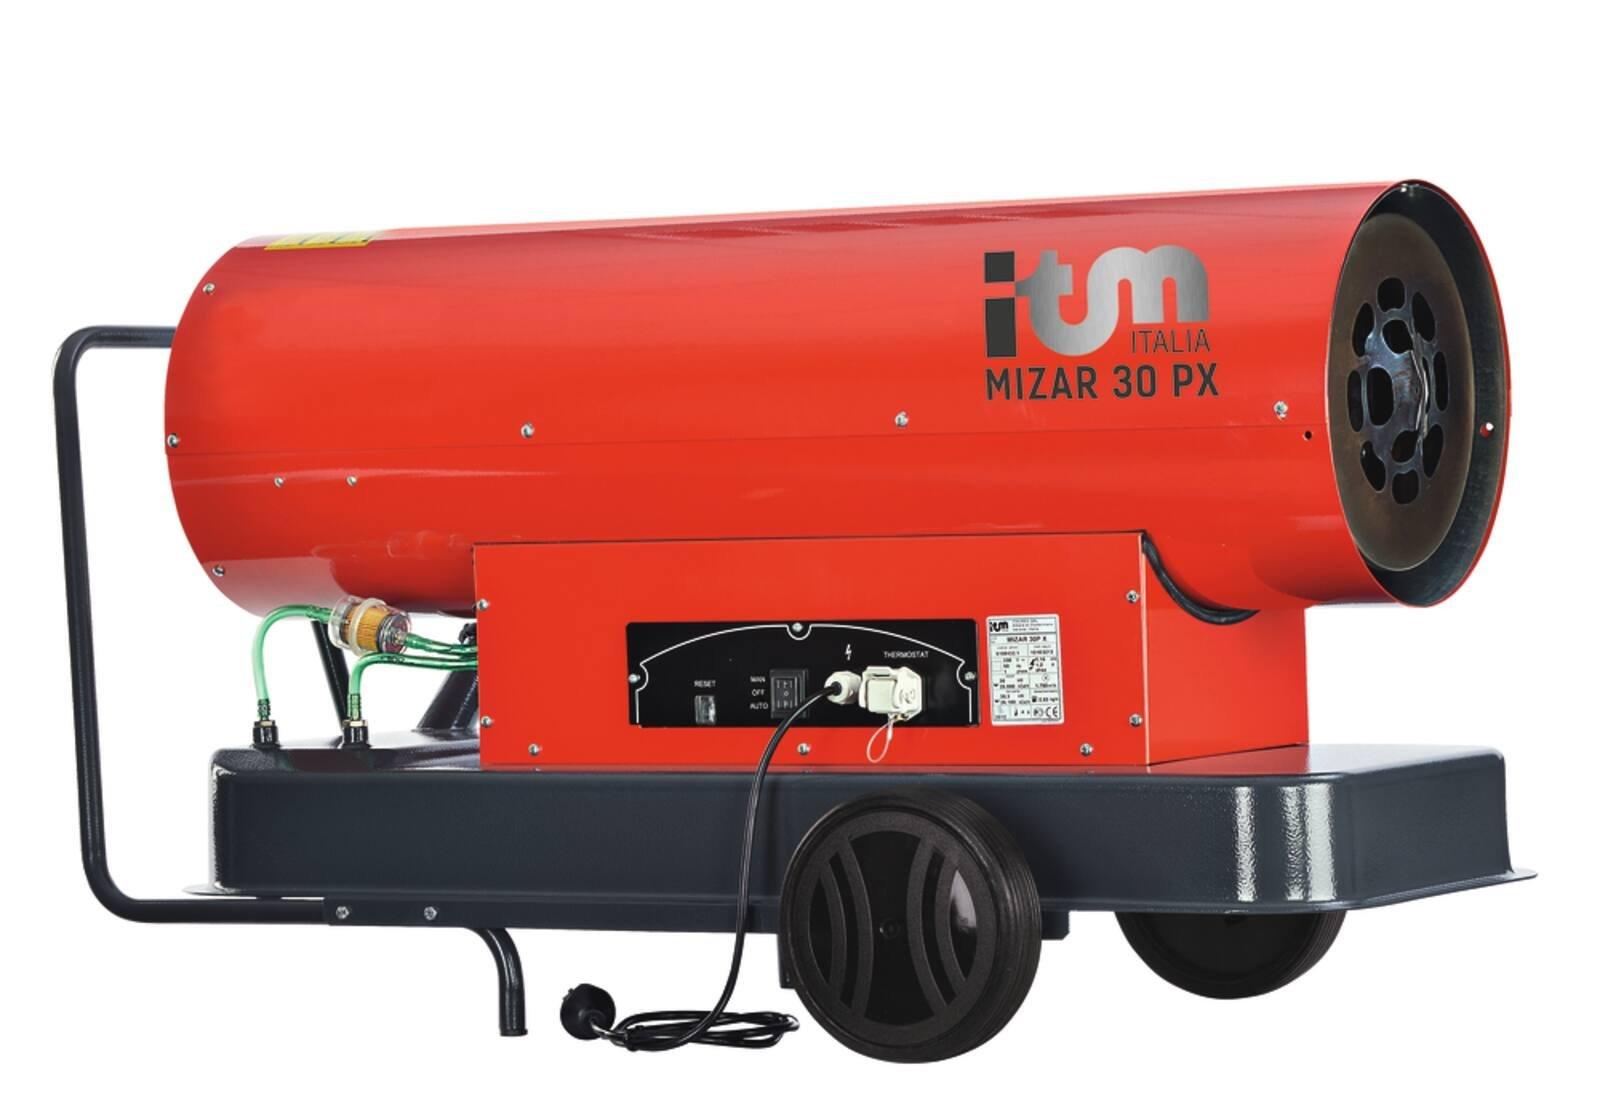 Chauffage GASOIL DIRECT MIZAR PX 30